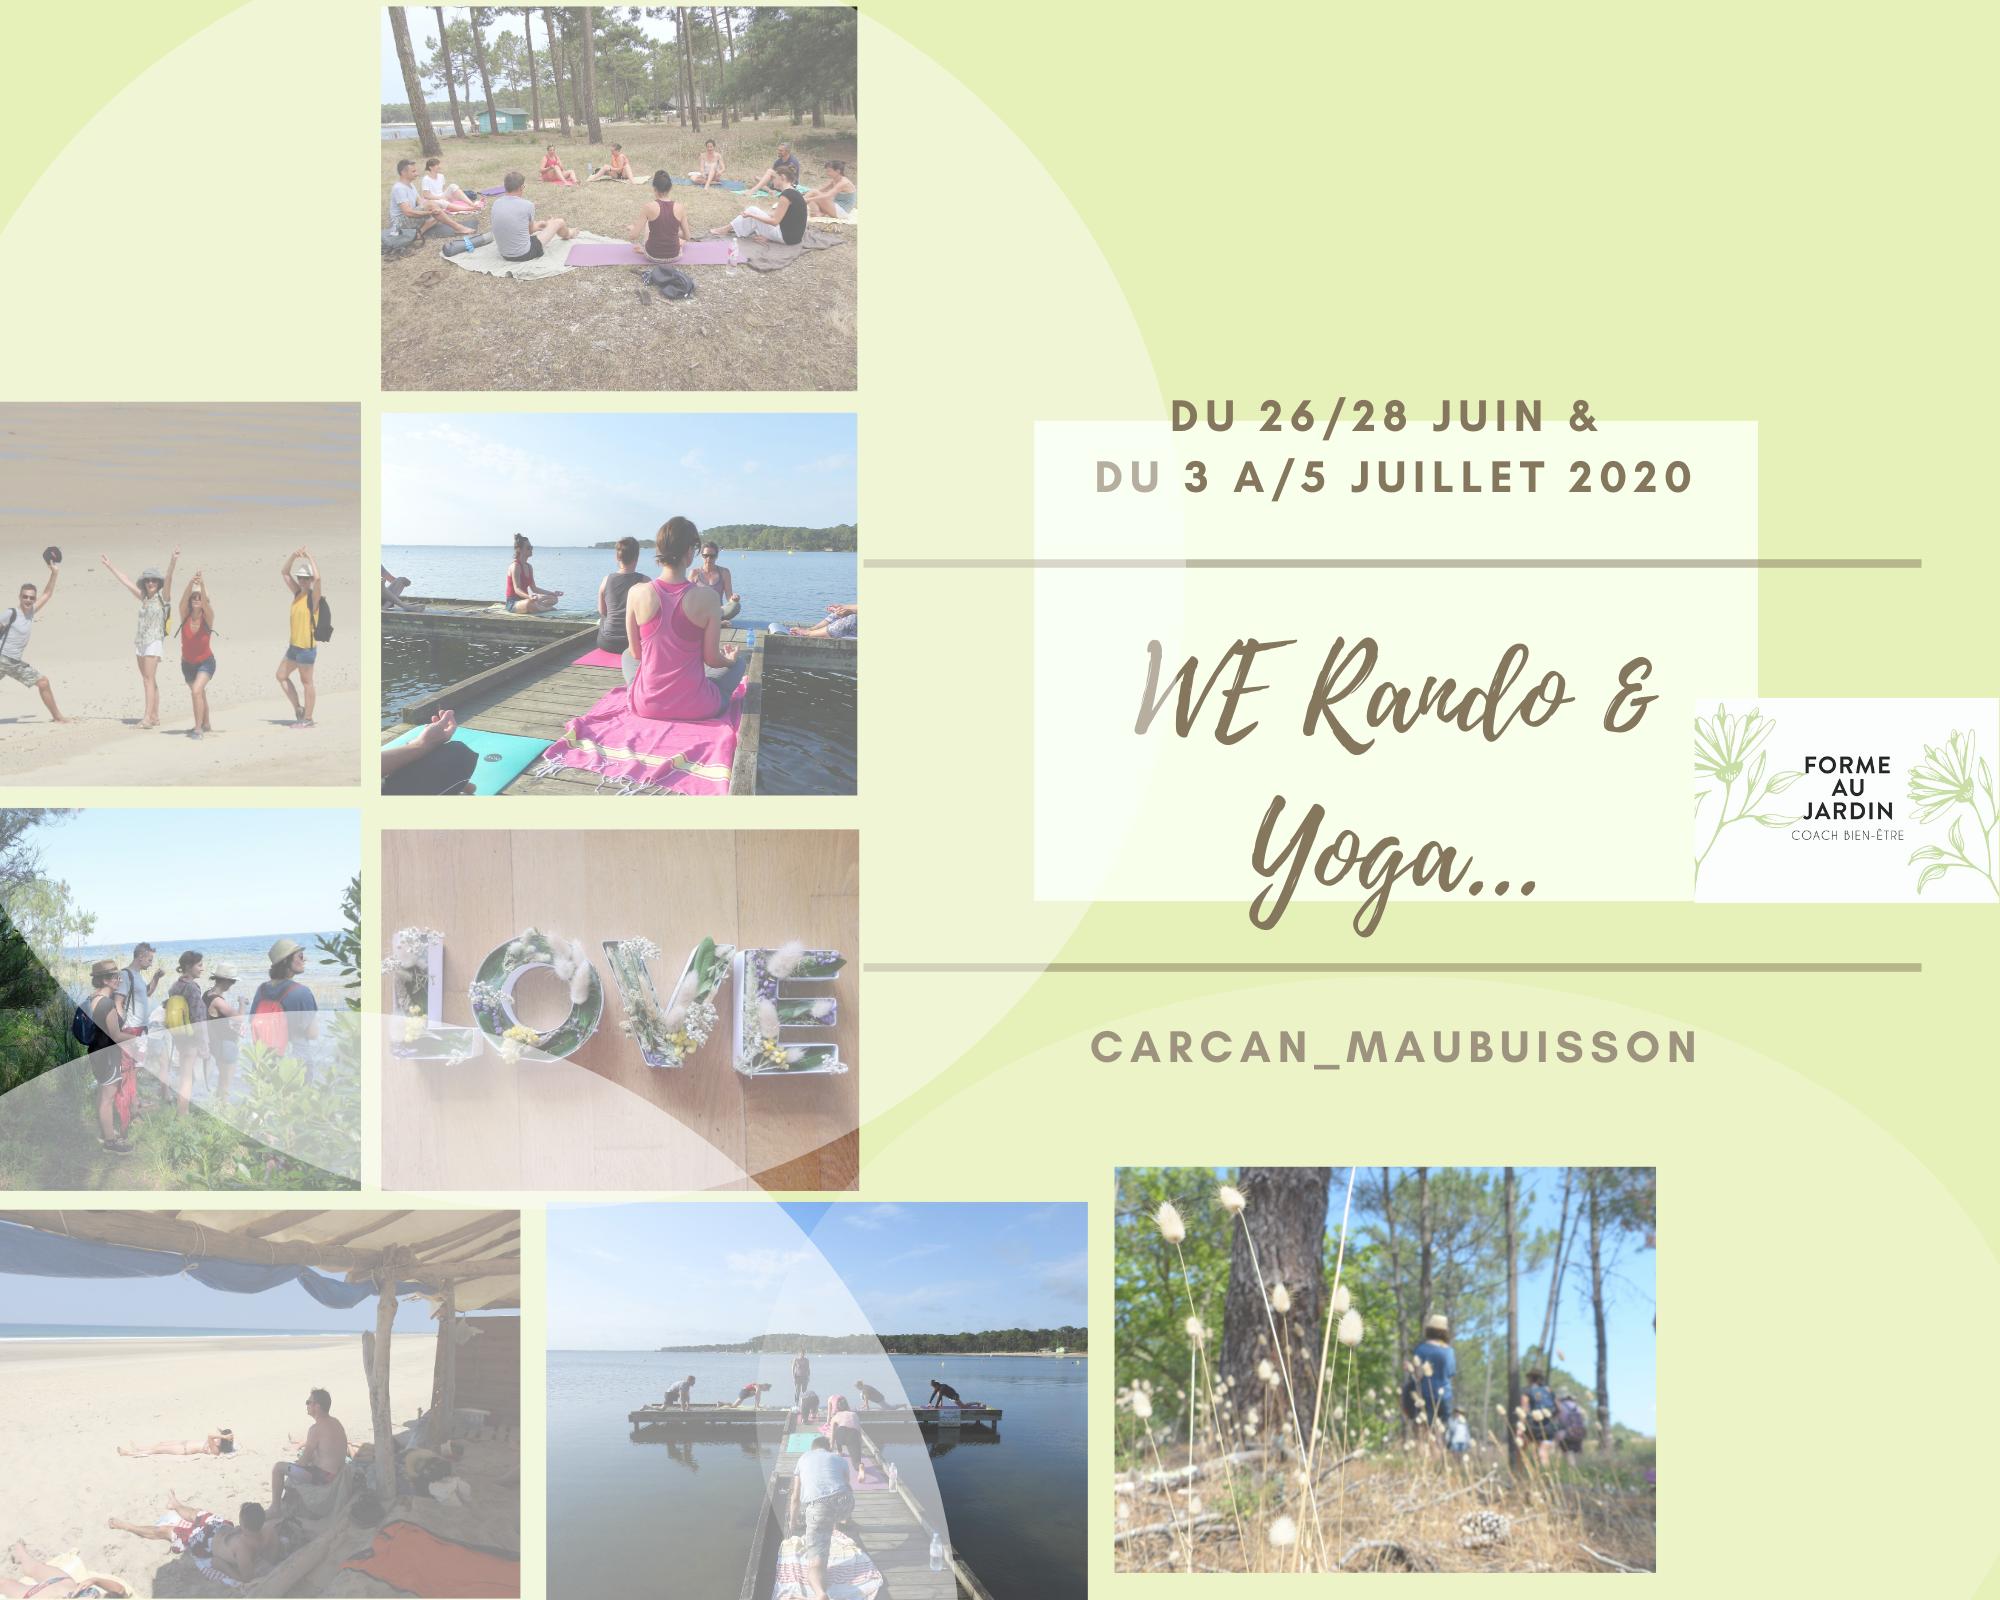 visuel promo WE juin juillet 2020